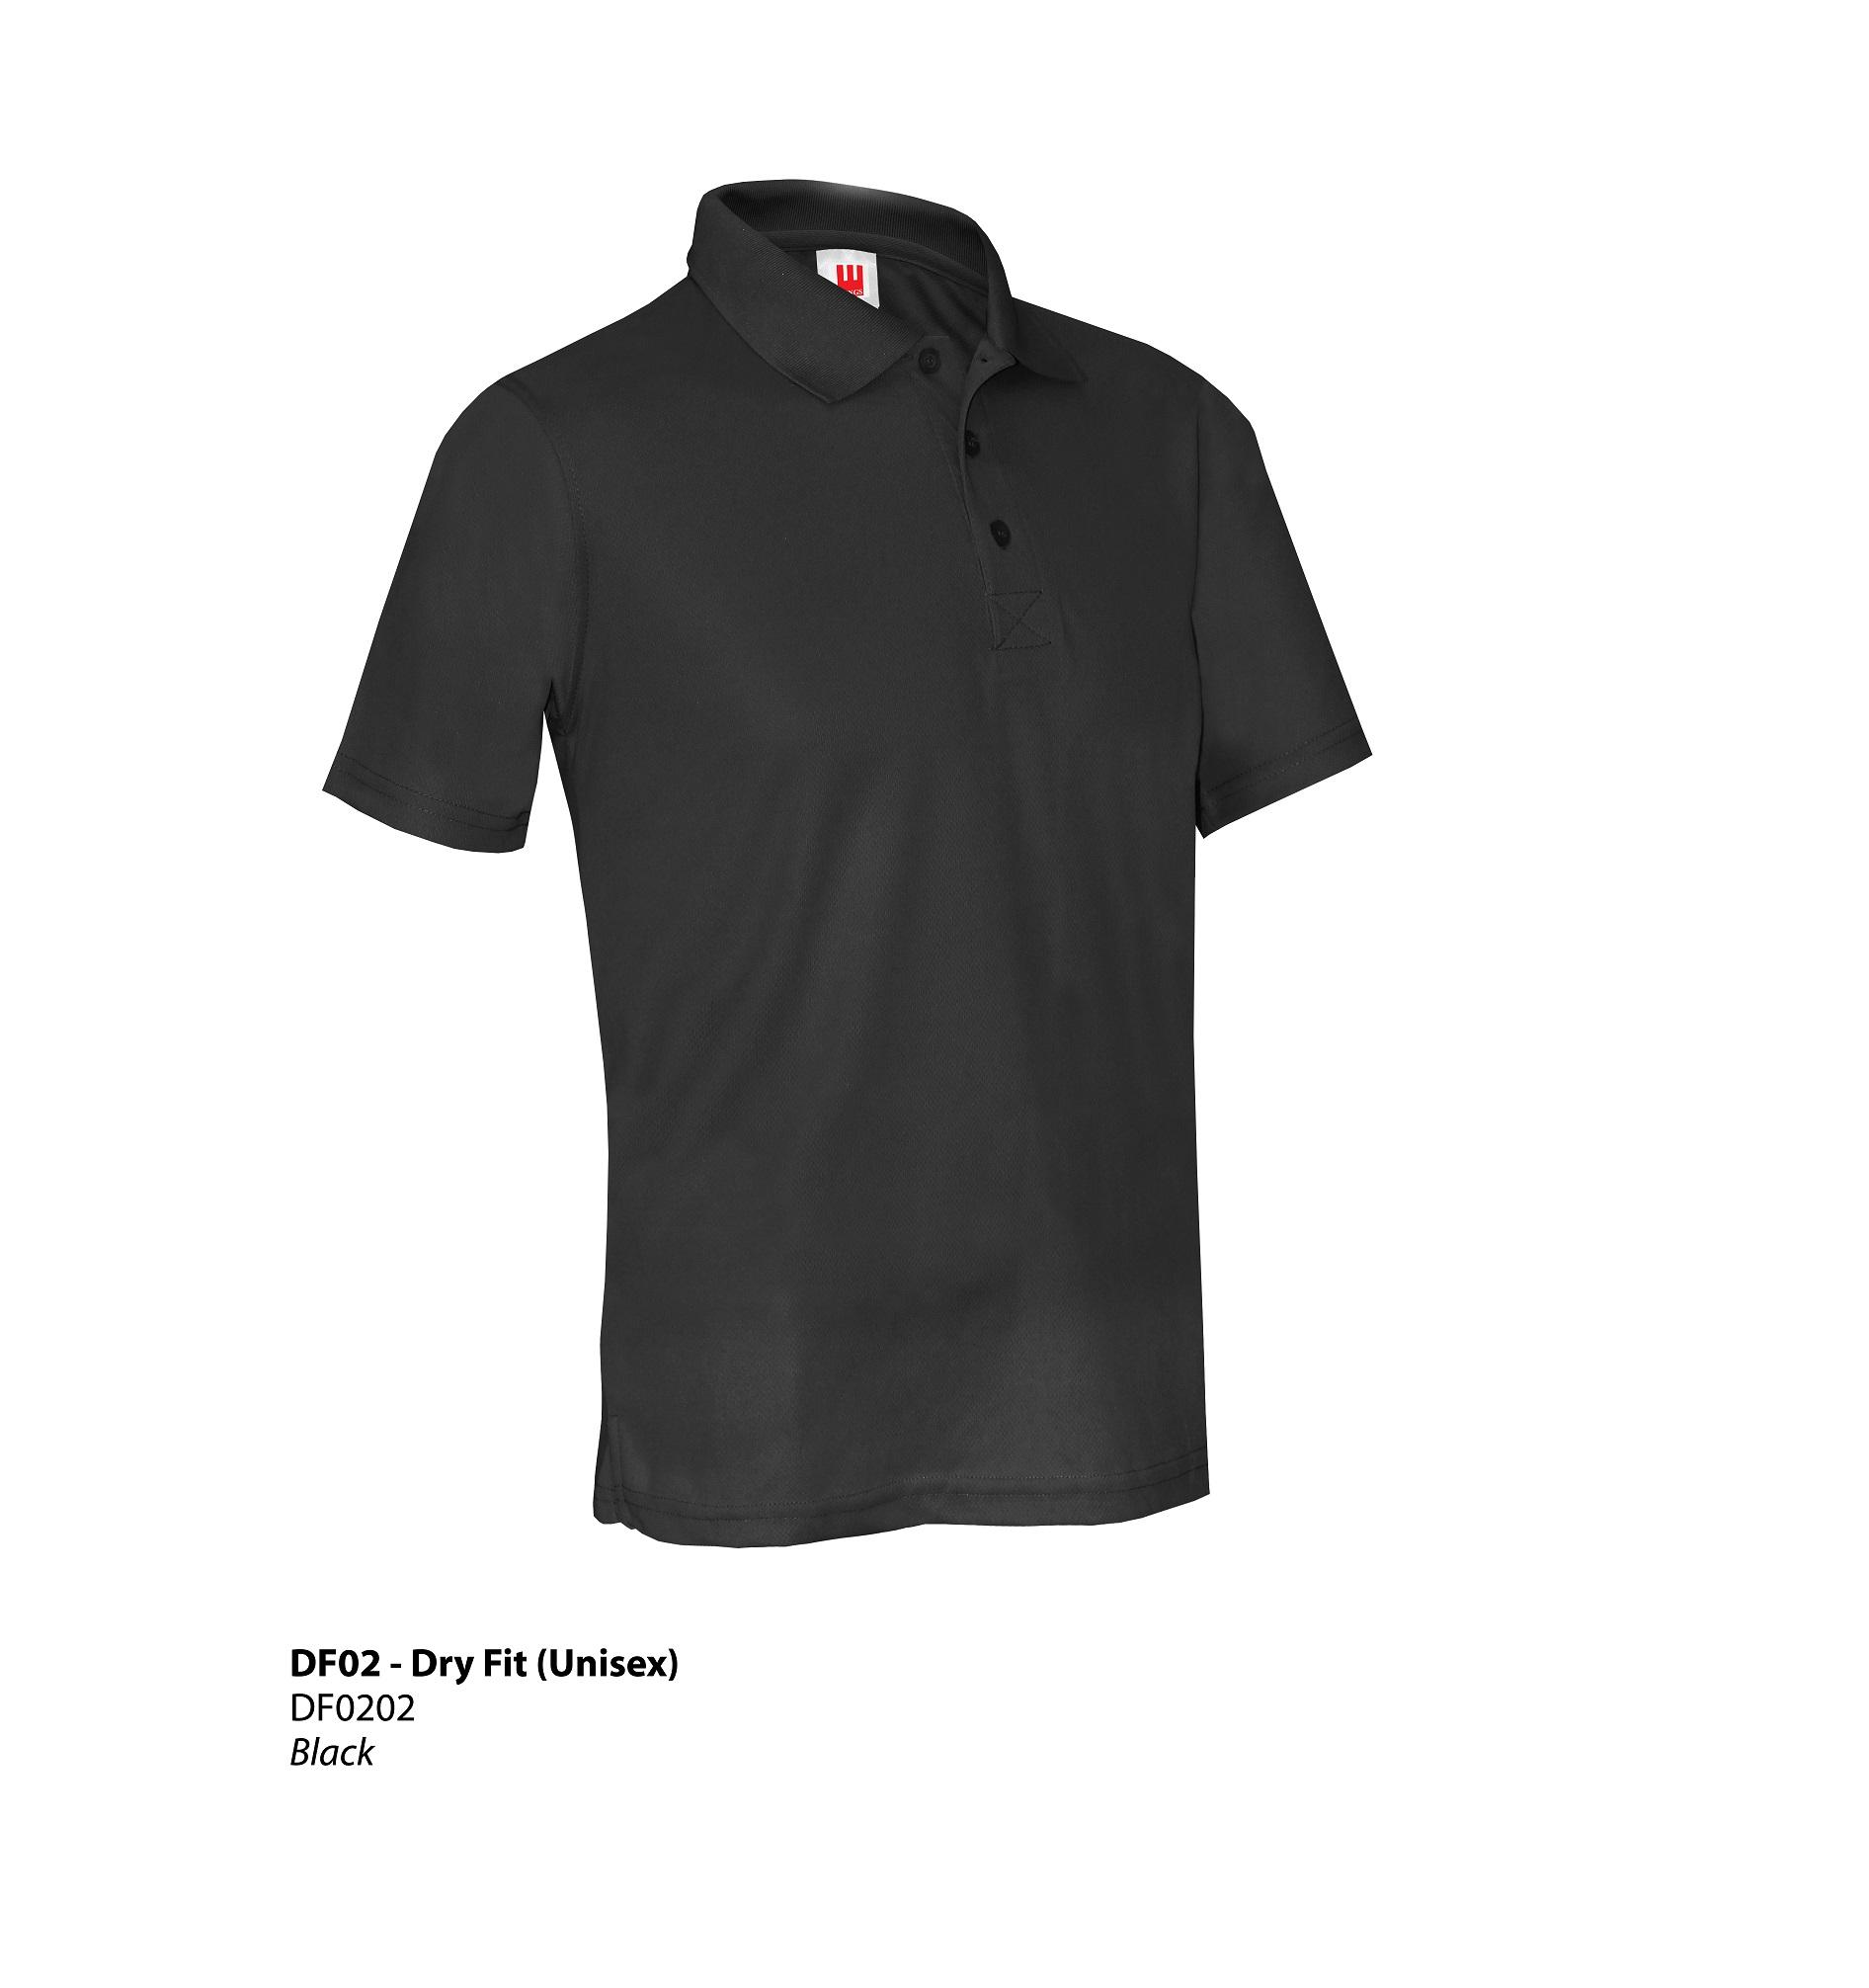 a7dfc6de827 Home   Kings   Dryfit   DRY FIT Collar Tee DF02 (Plain) – 8 Colors (Unisex)